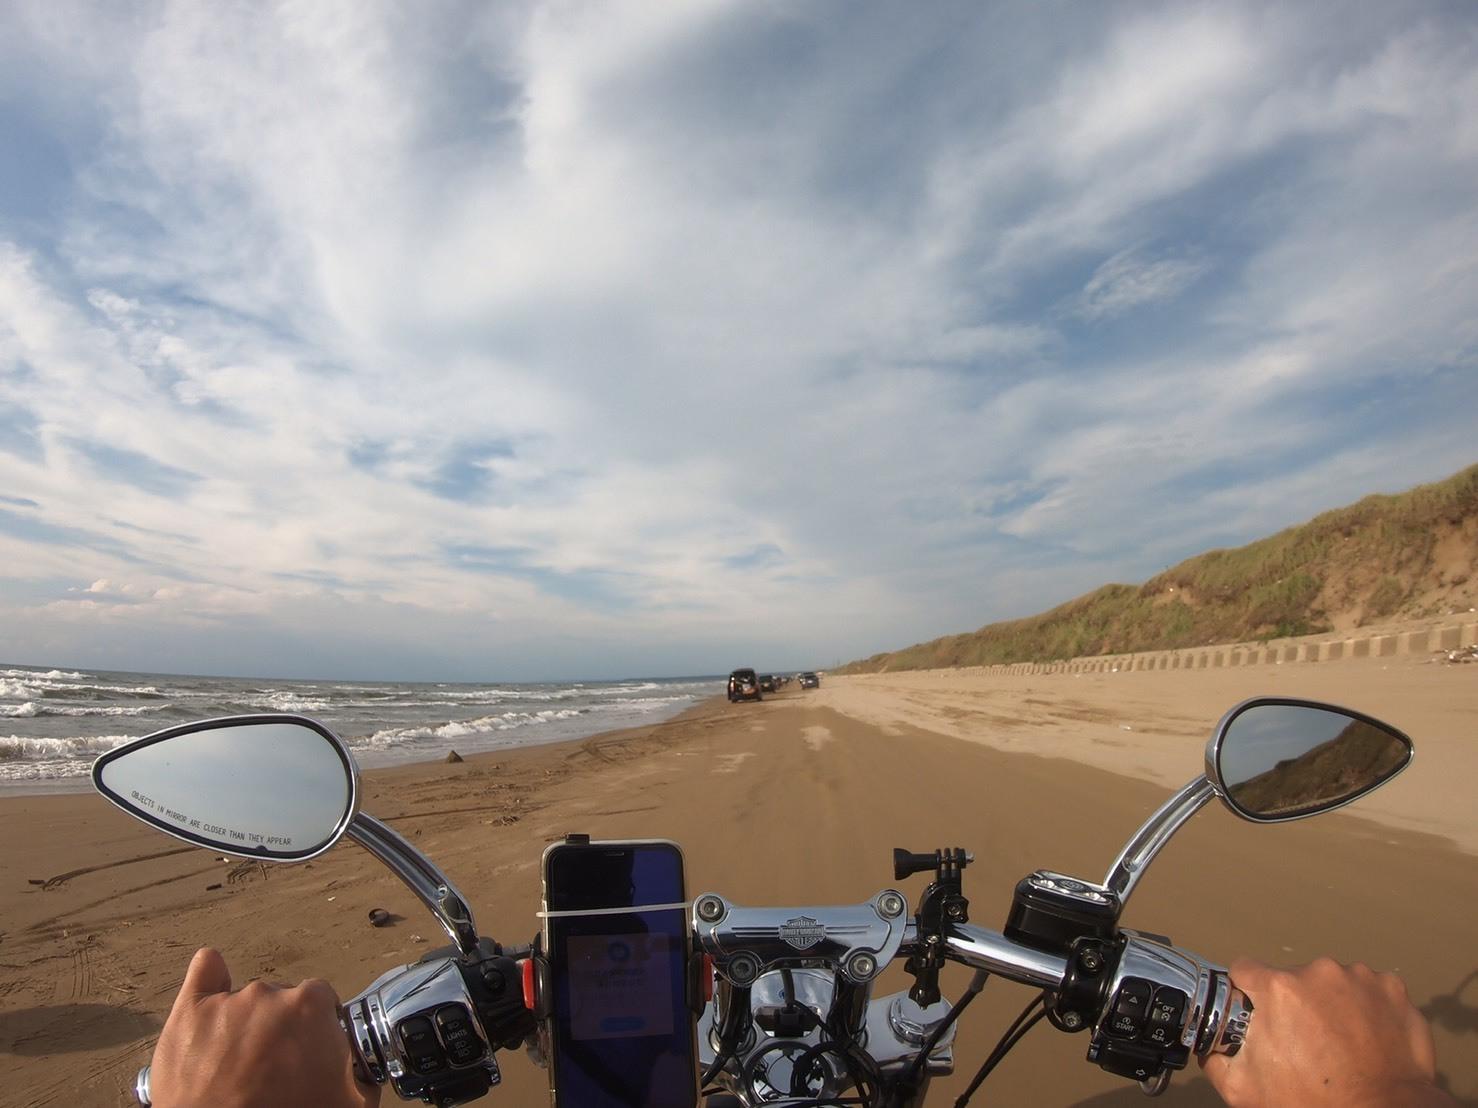 ぴーきちハーレーブログ 福井金沢ツーリング 千里浜なぎさドライブウェイ バイクで砂浜を走れる